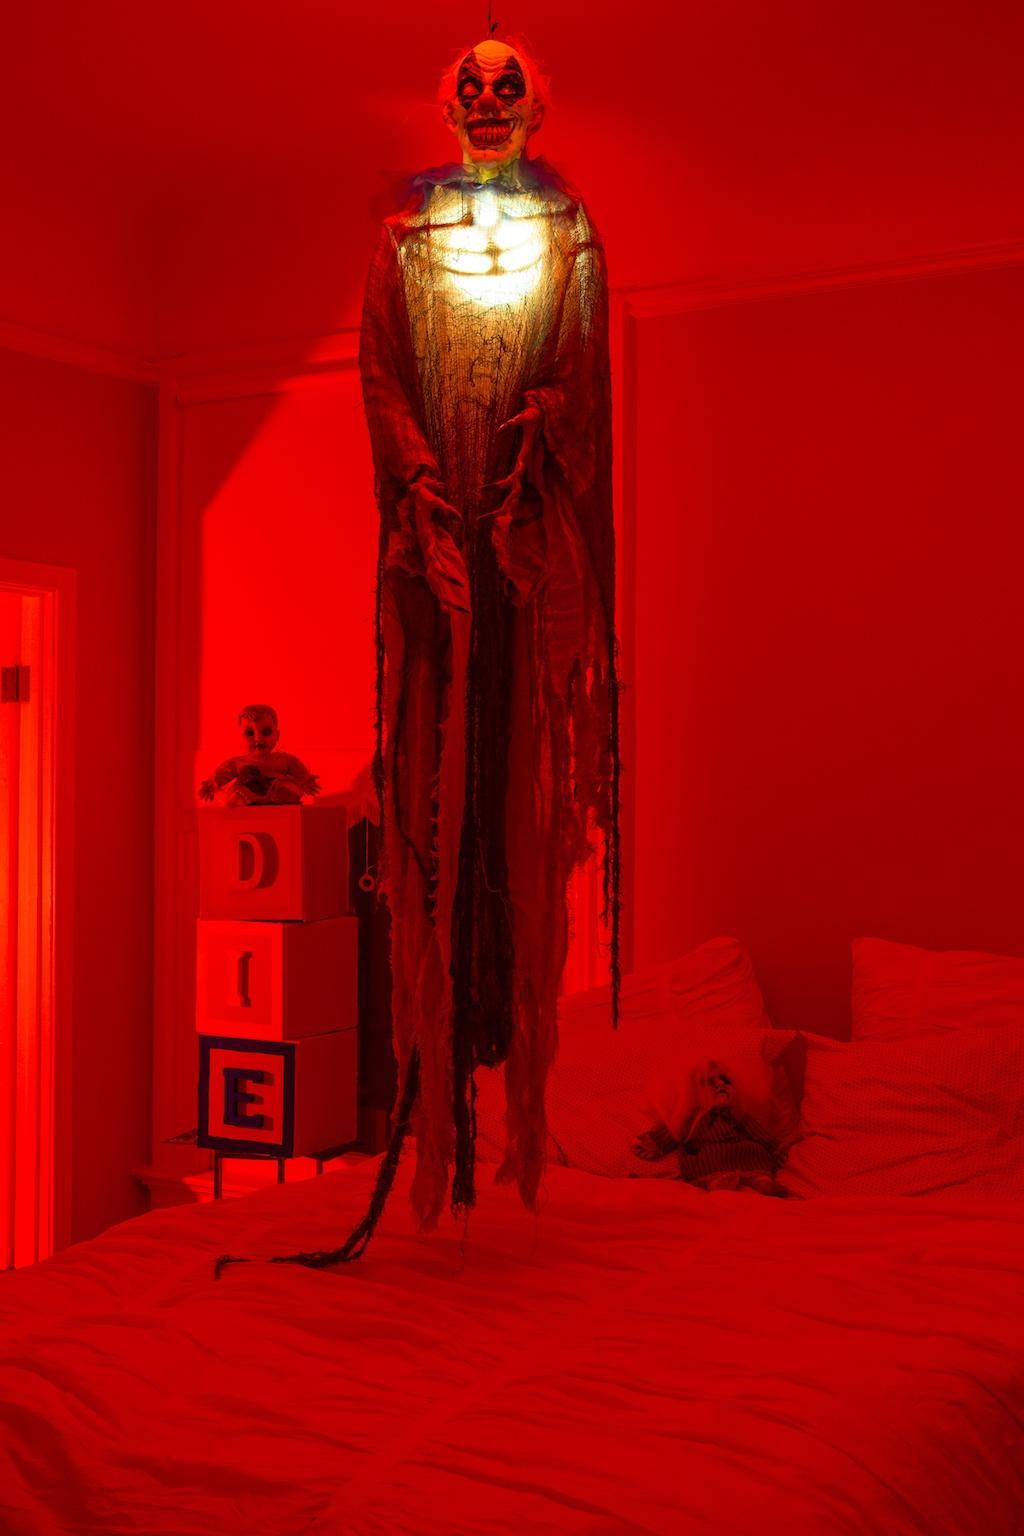 hue lightbulb in halloween skeleton